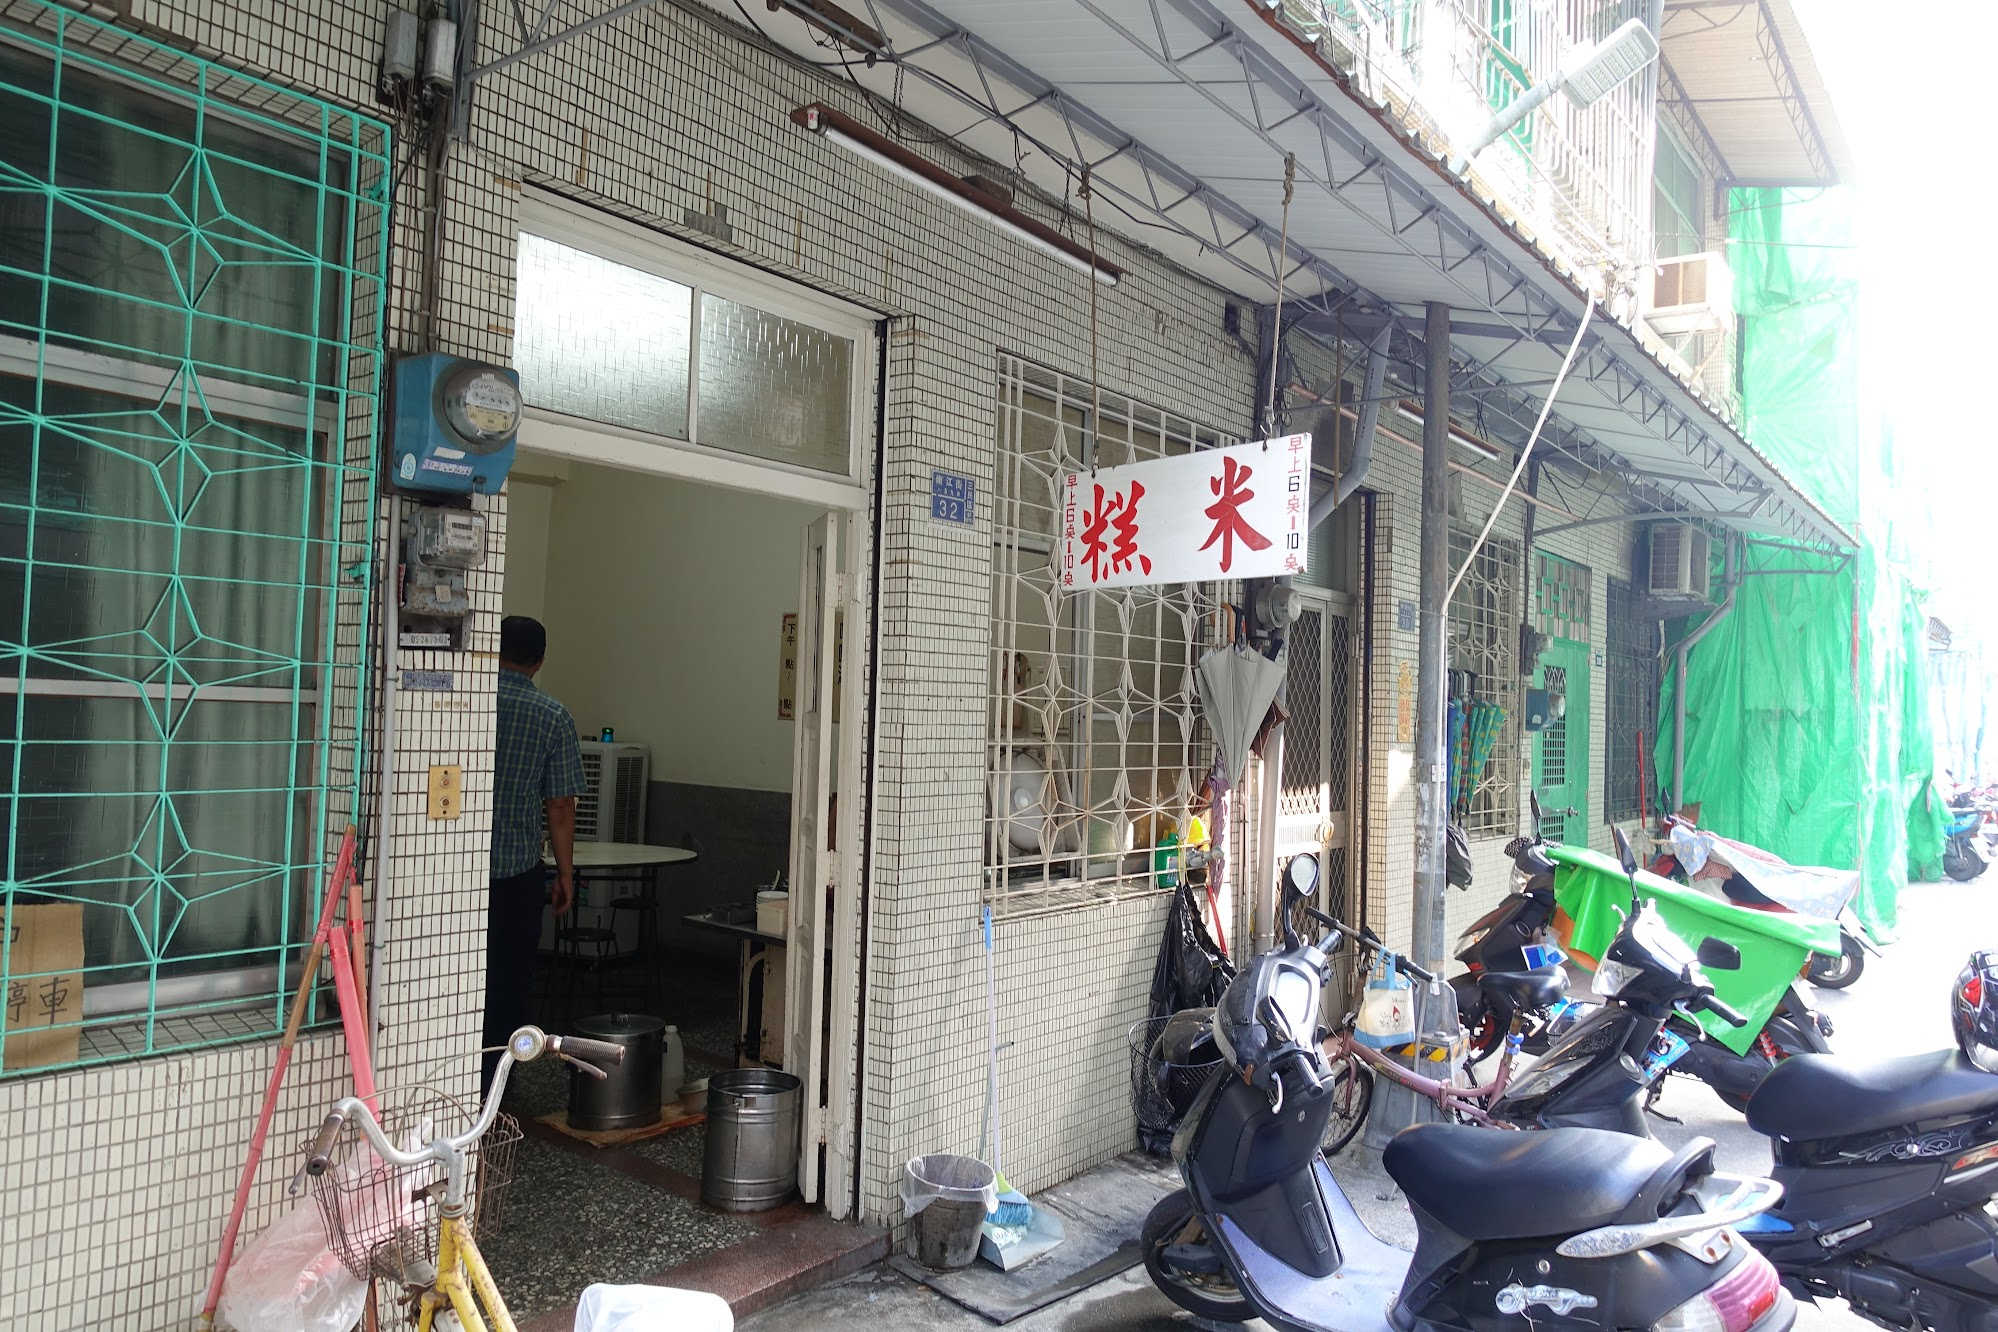 嫩江街巷子內的米糕,就這樣樸實無華,若不是有人介紹,我也不知道這邊藏著一家店